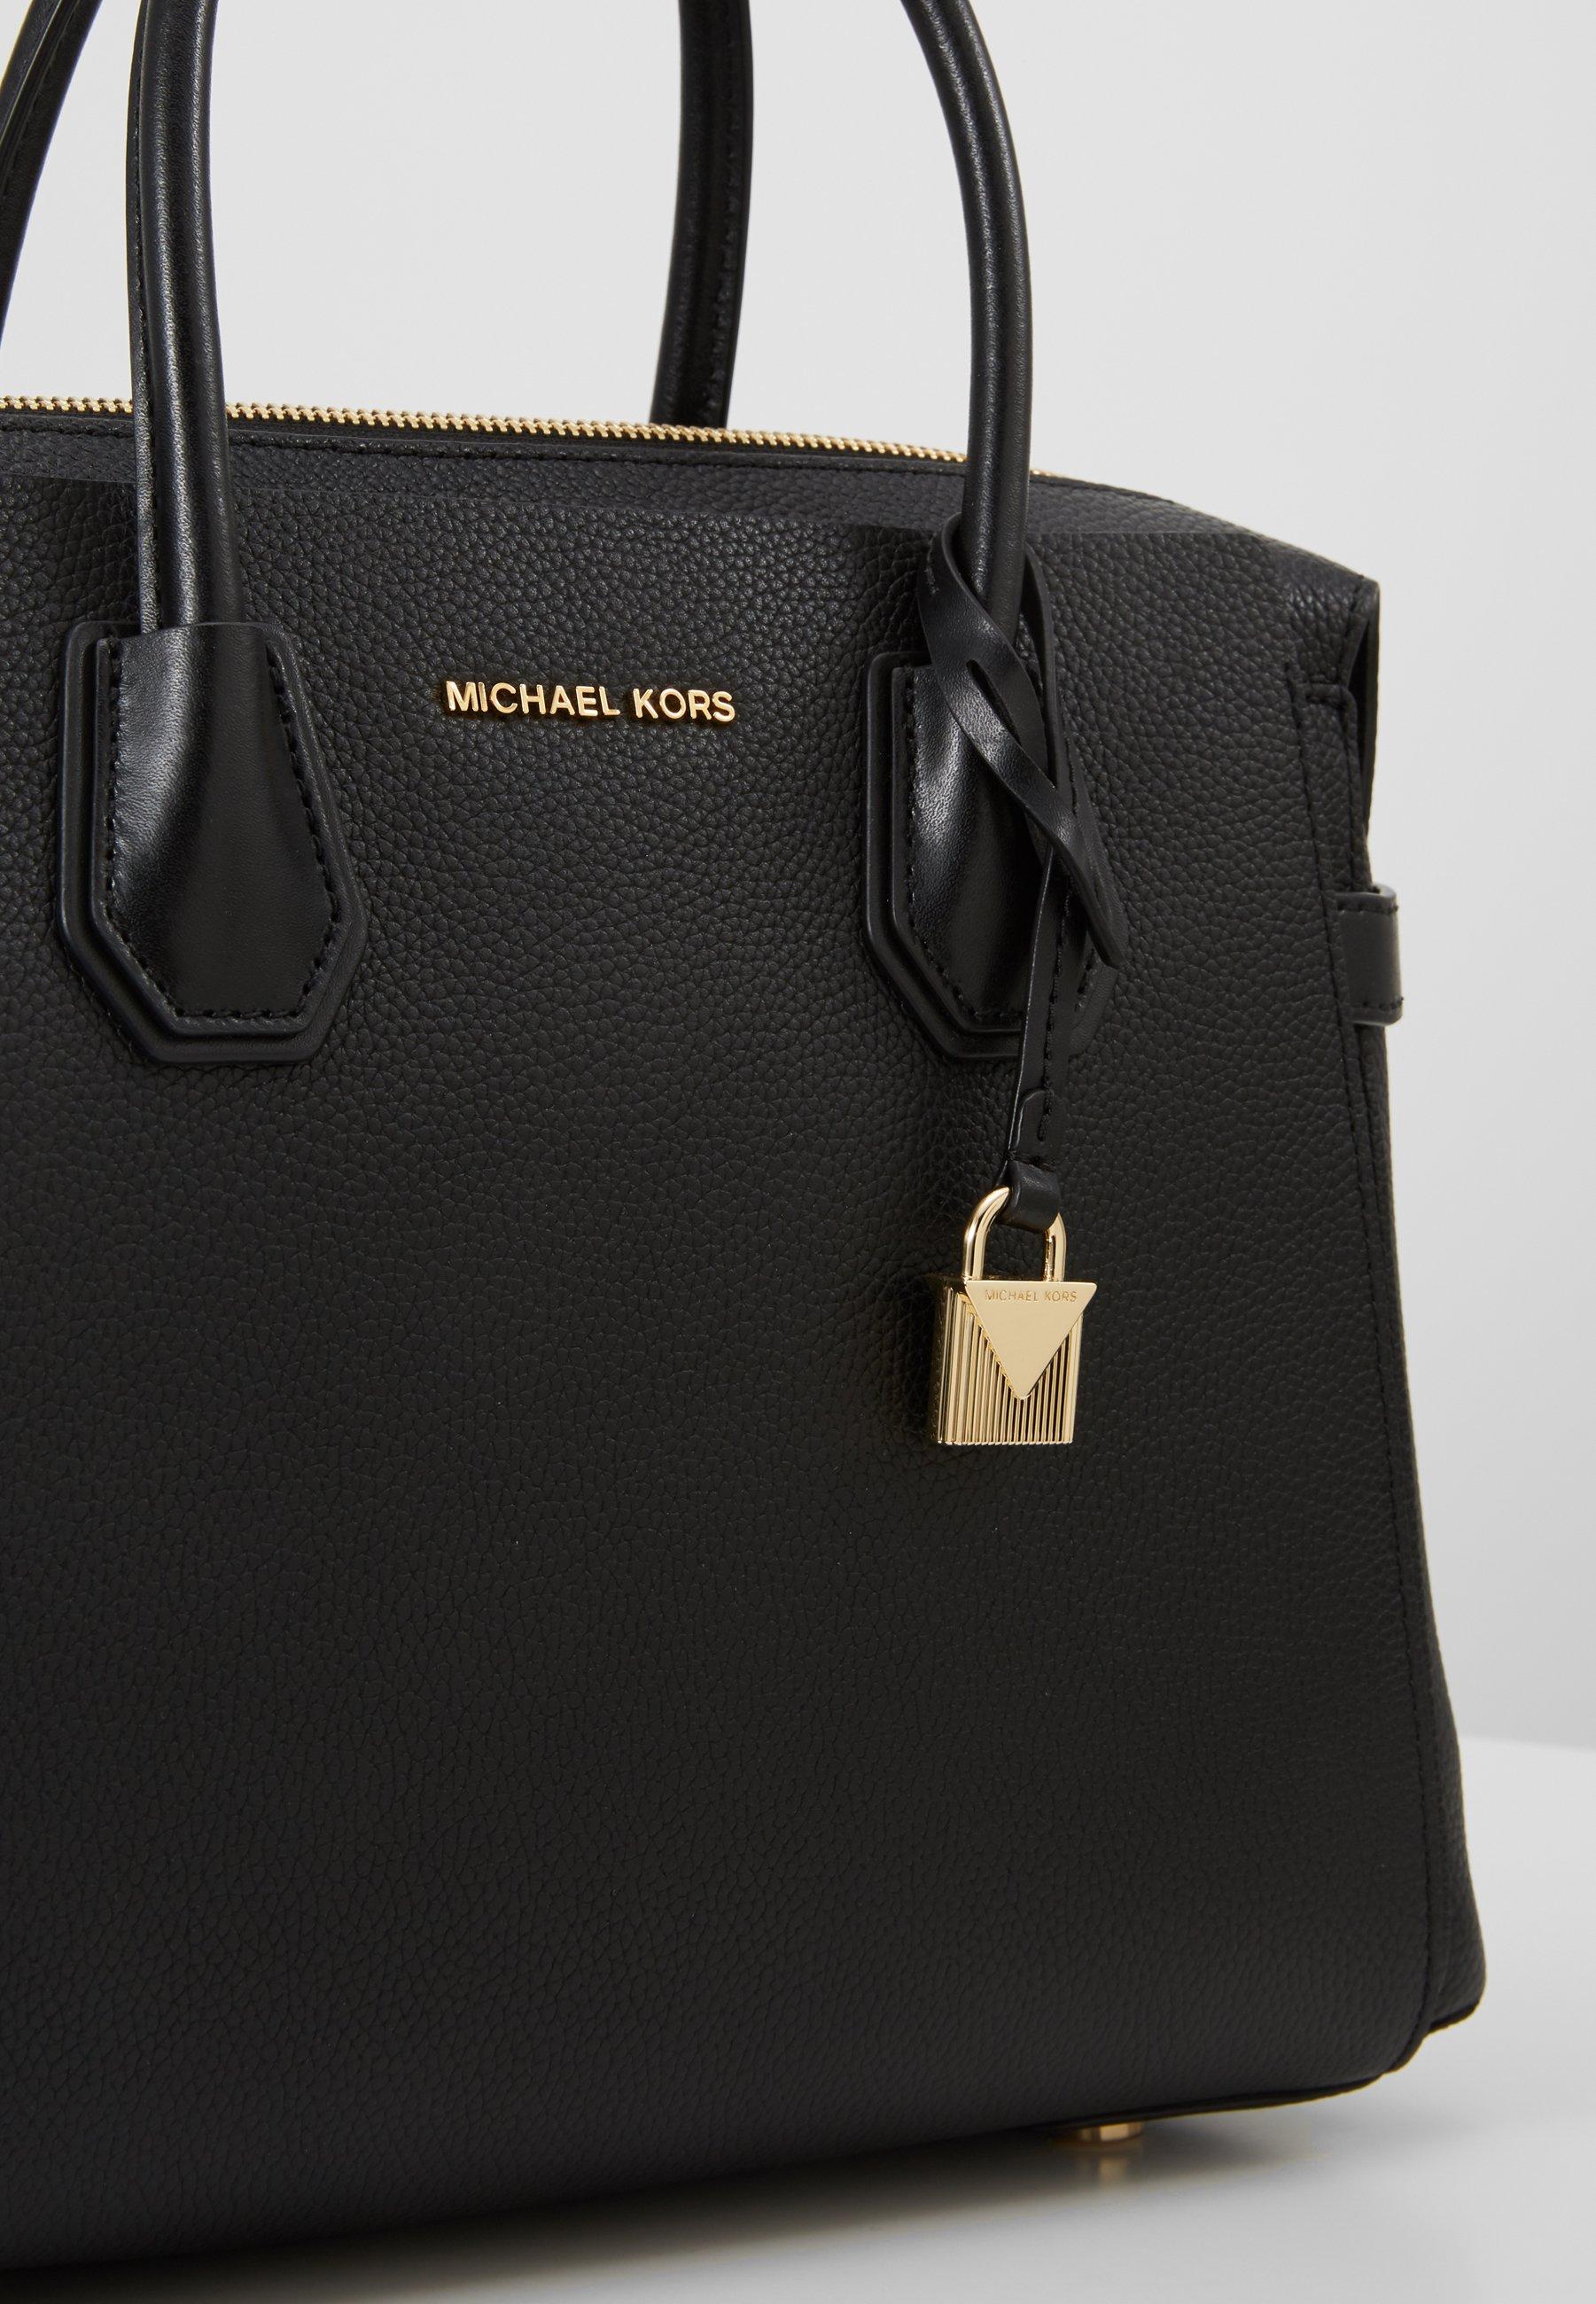 Michael Kors Mercer Belted Satchel - Handtasche Black/schwarz